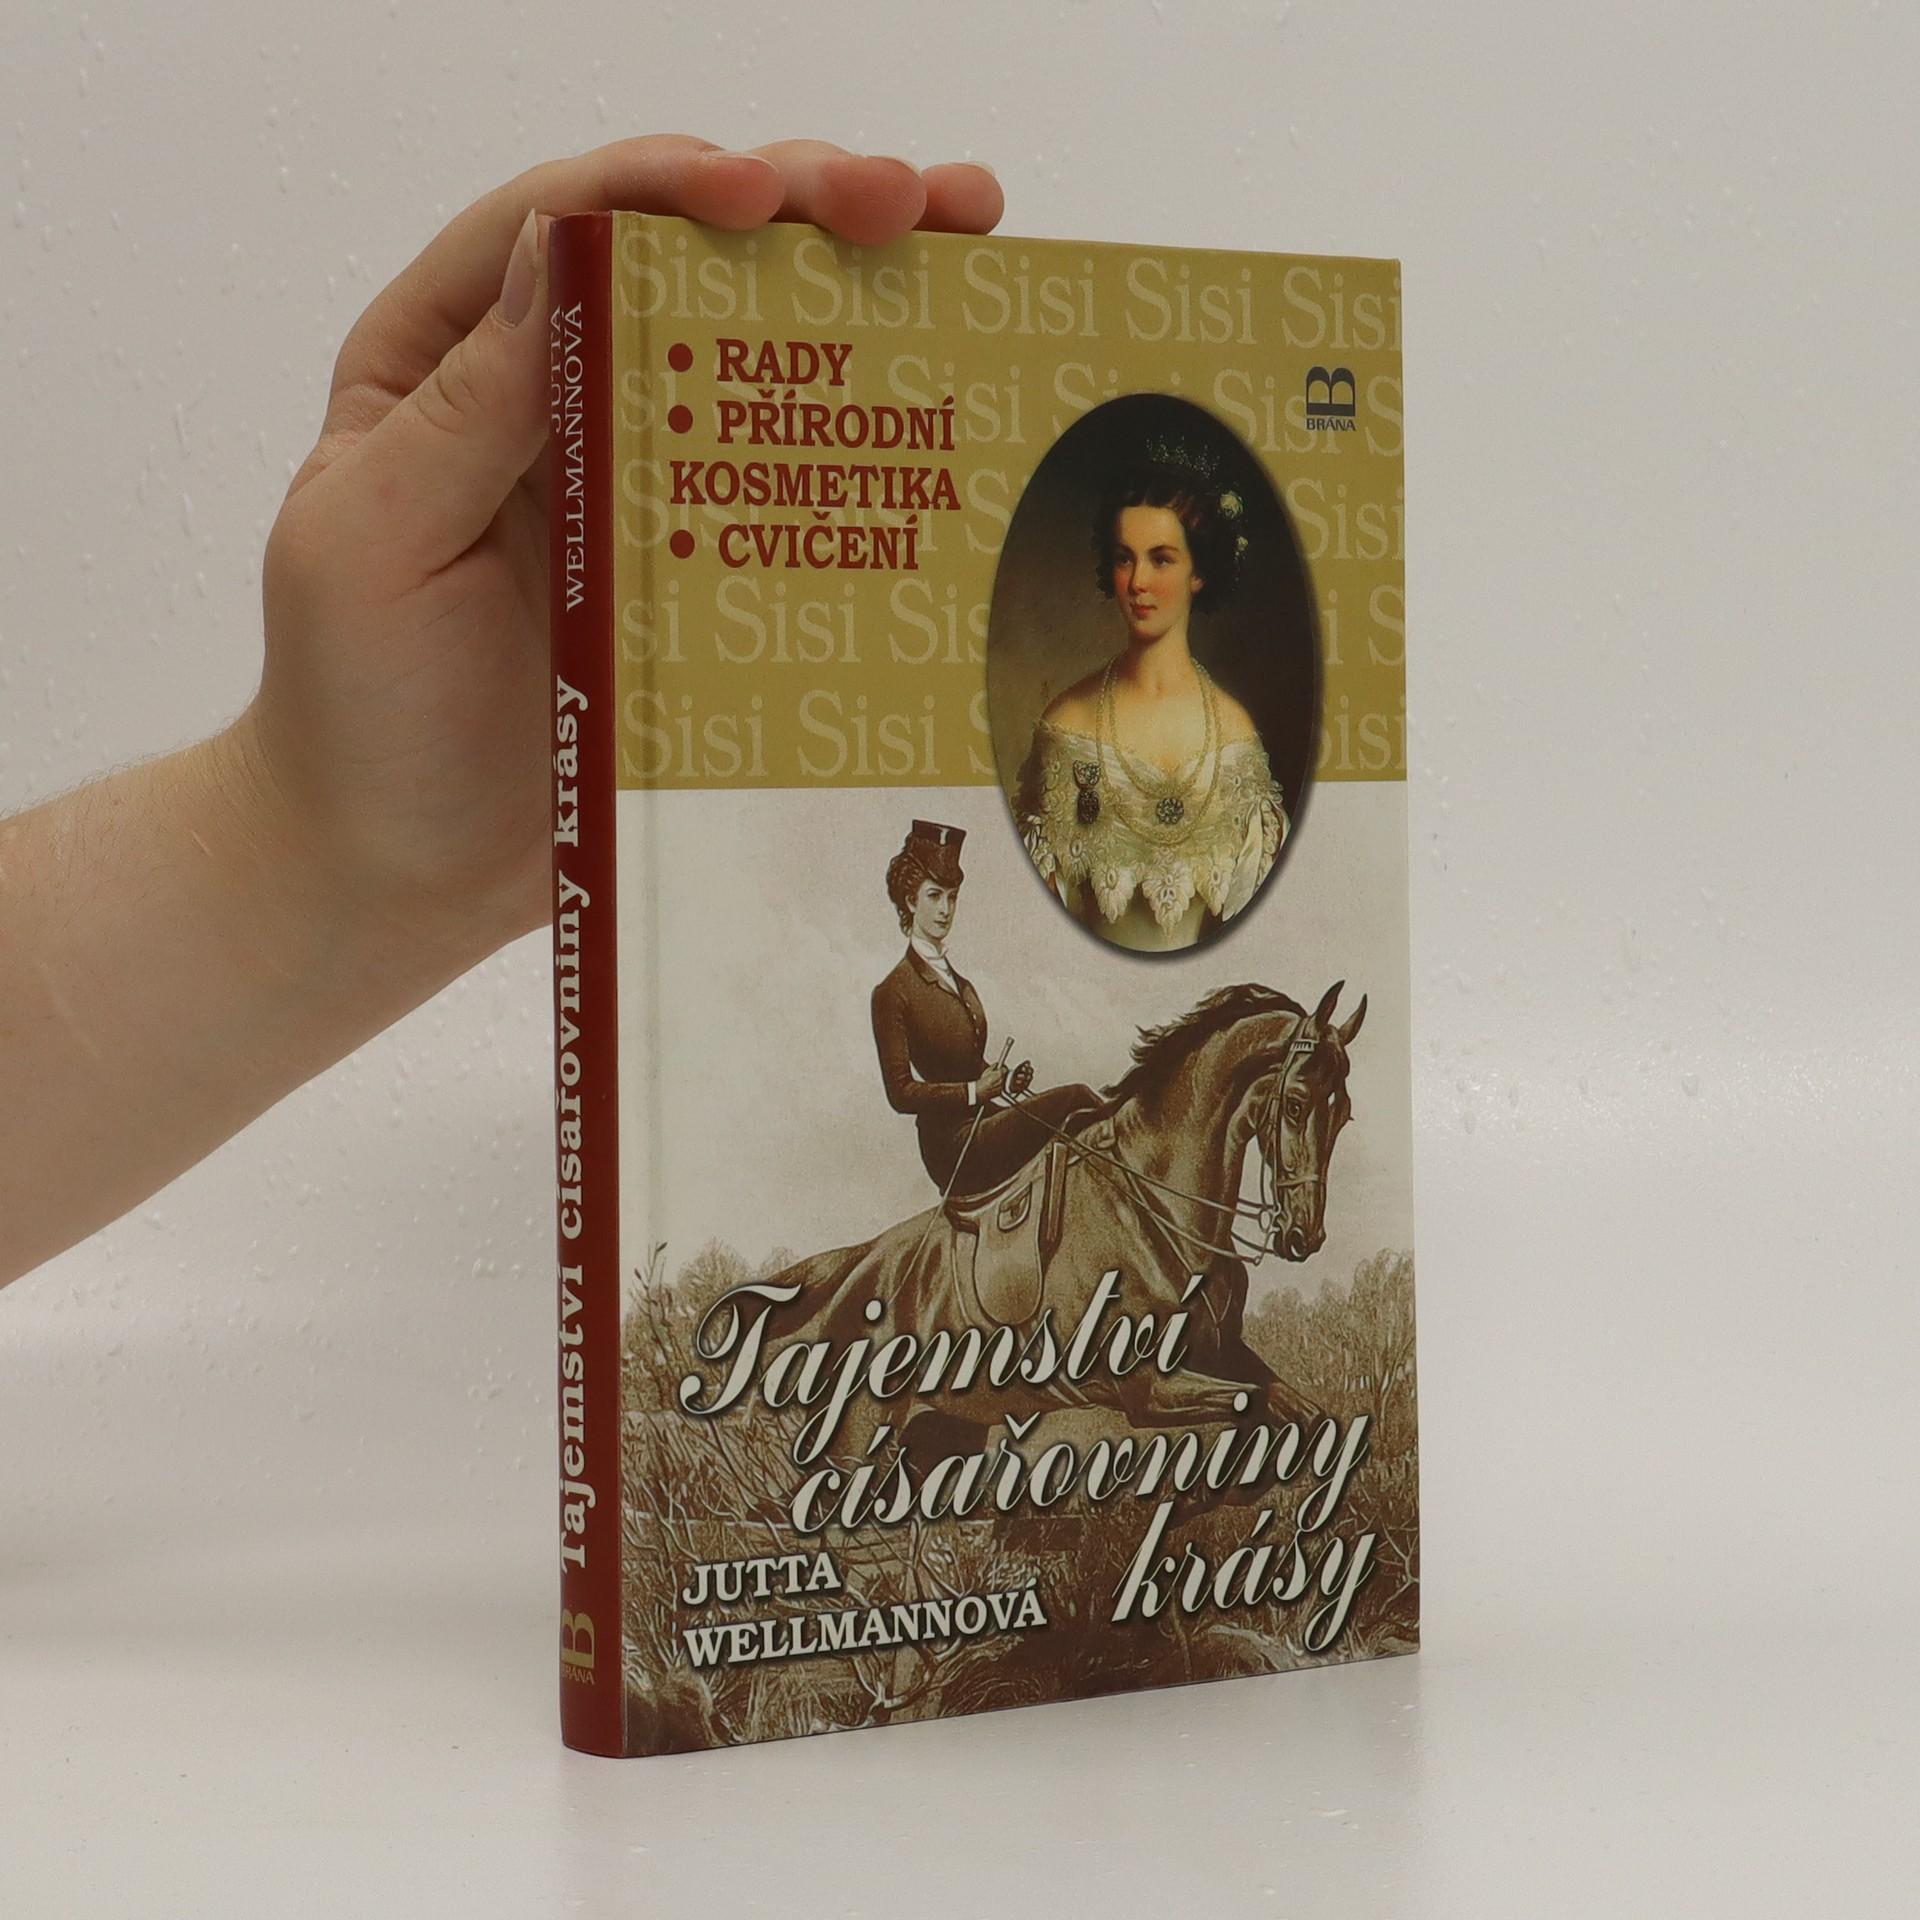 antikvární kniha Tajemství císařovniny krásy, 2001